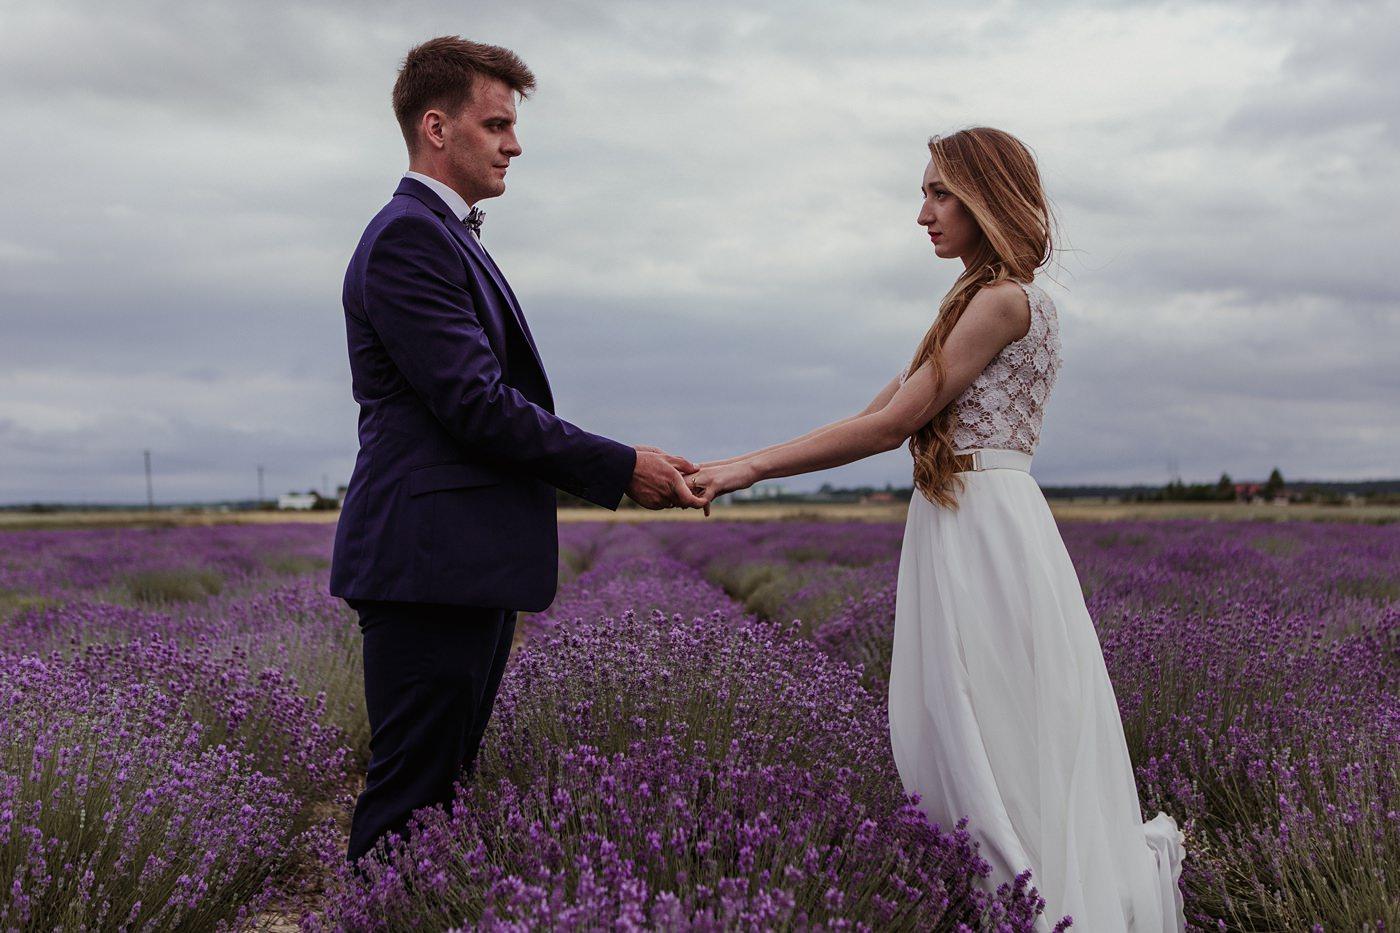 Anna i Marcin - Sesja Ślubna na Polu Lawendy 42